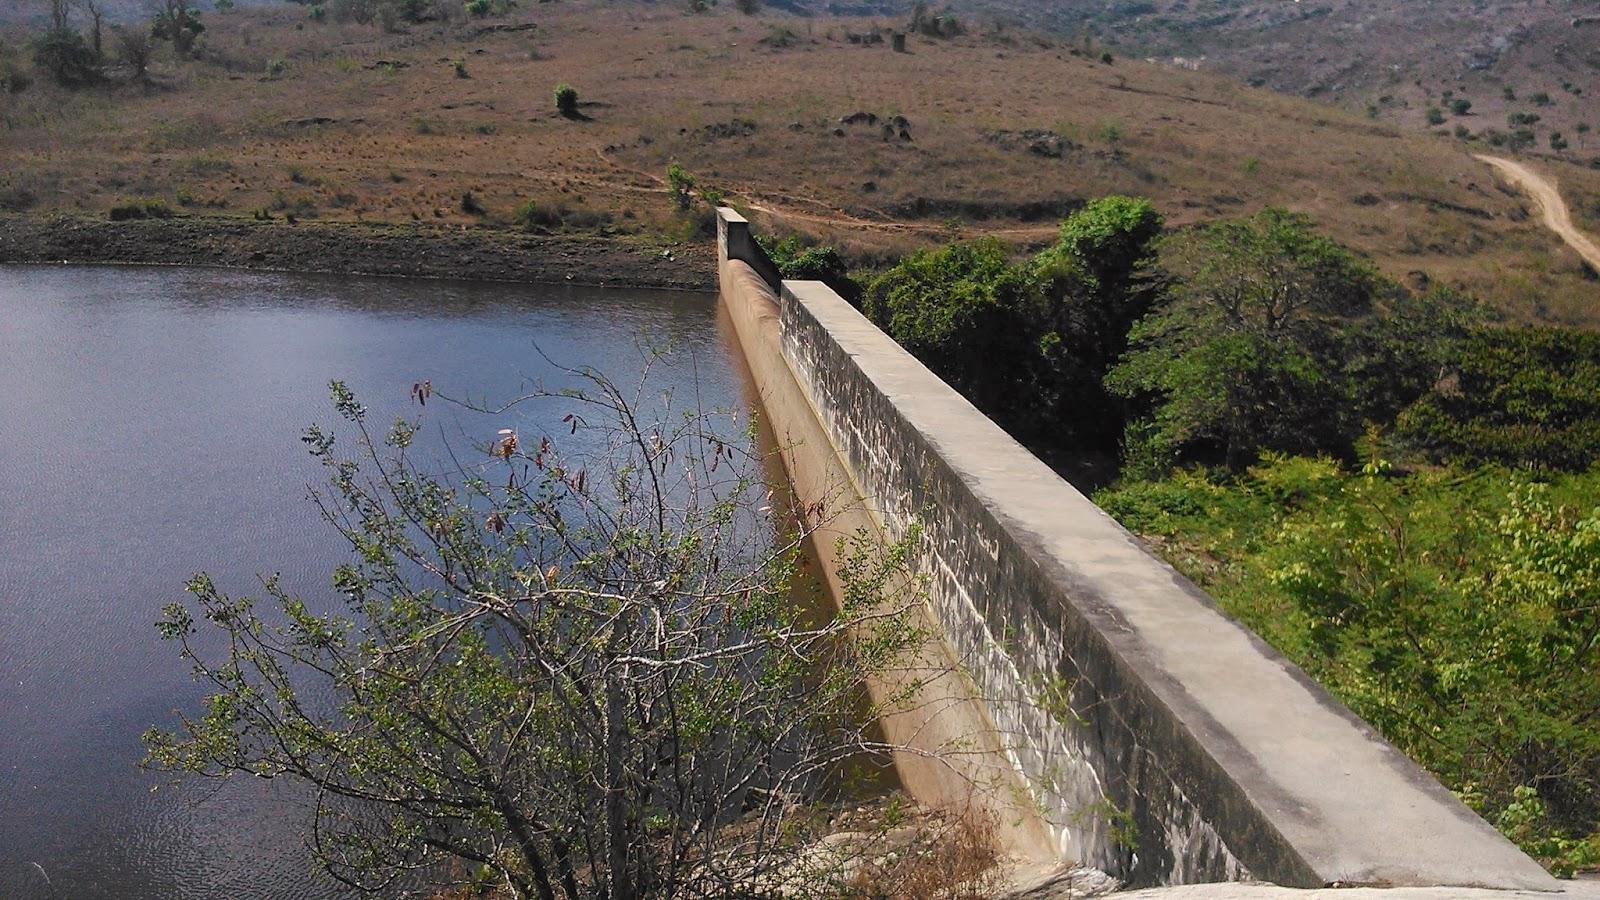 Barragem São Sebastião secando - Panelas sofrerá com o desabastecimento de água de novo?